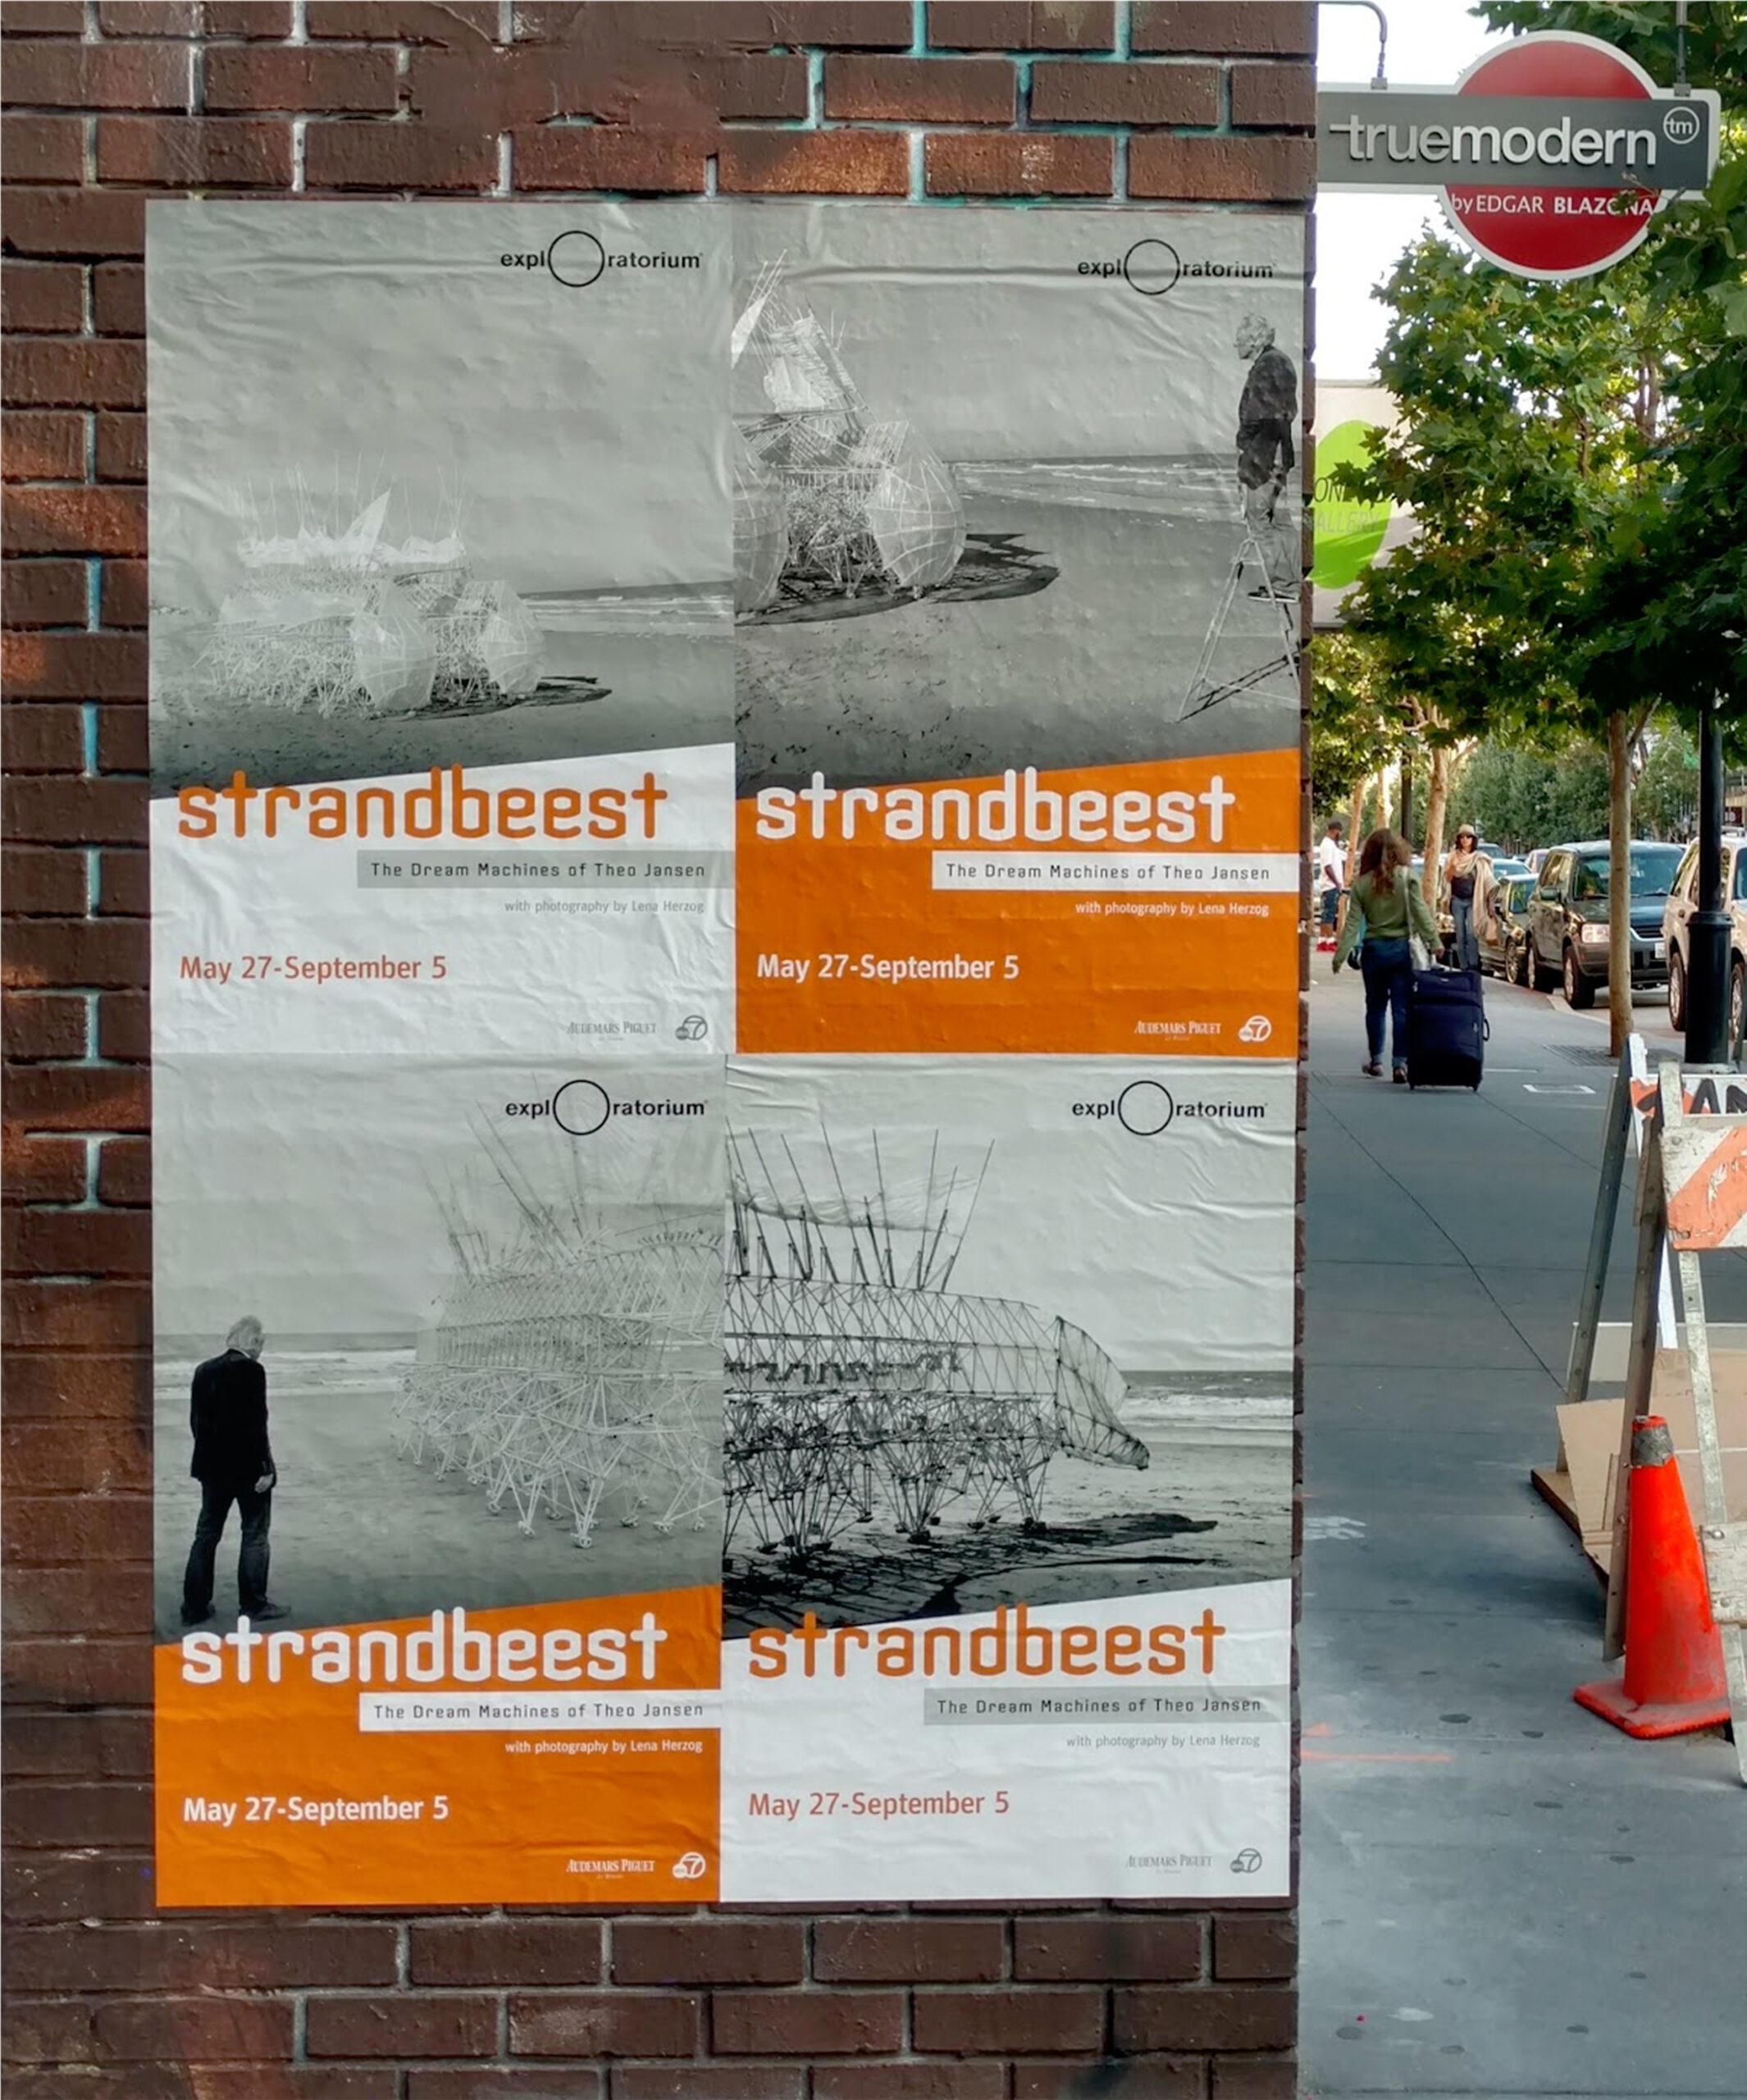 Exploratorium Strandbeest wheatpaste posters